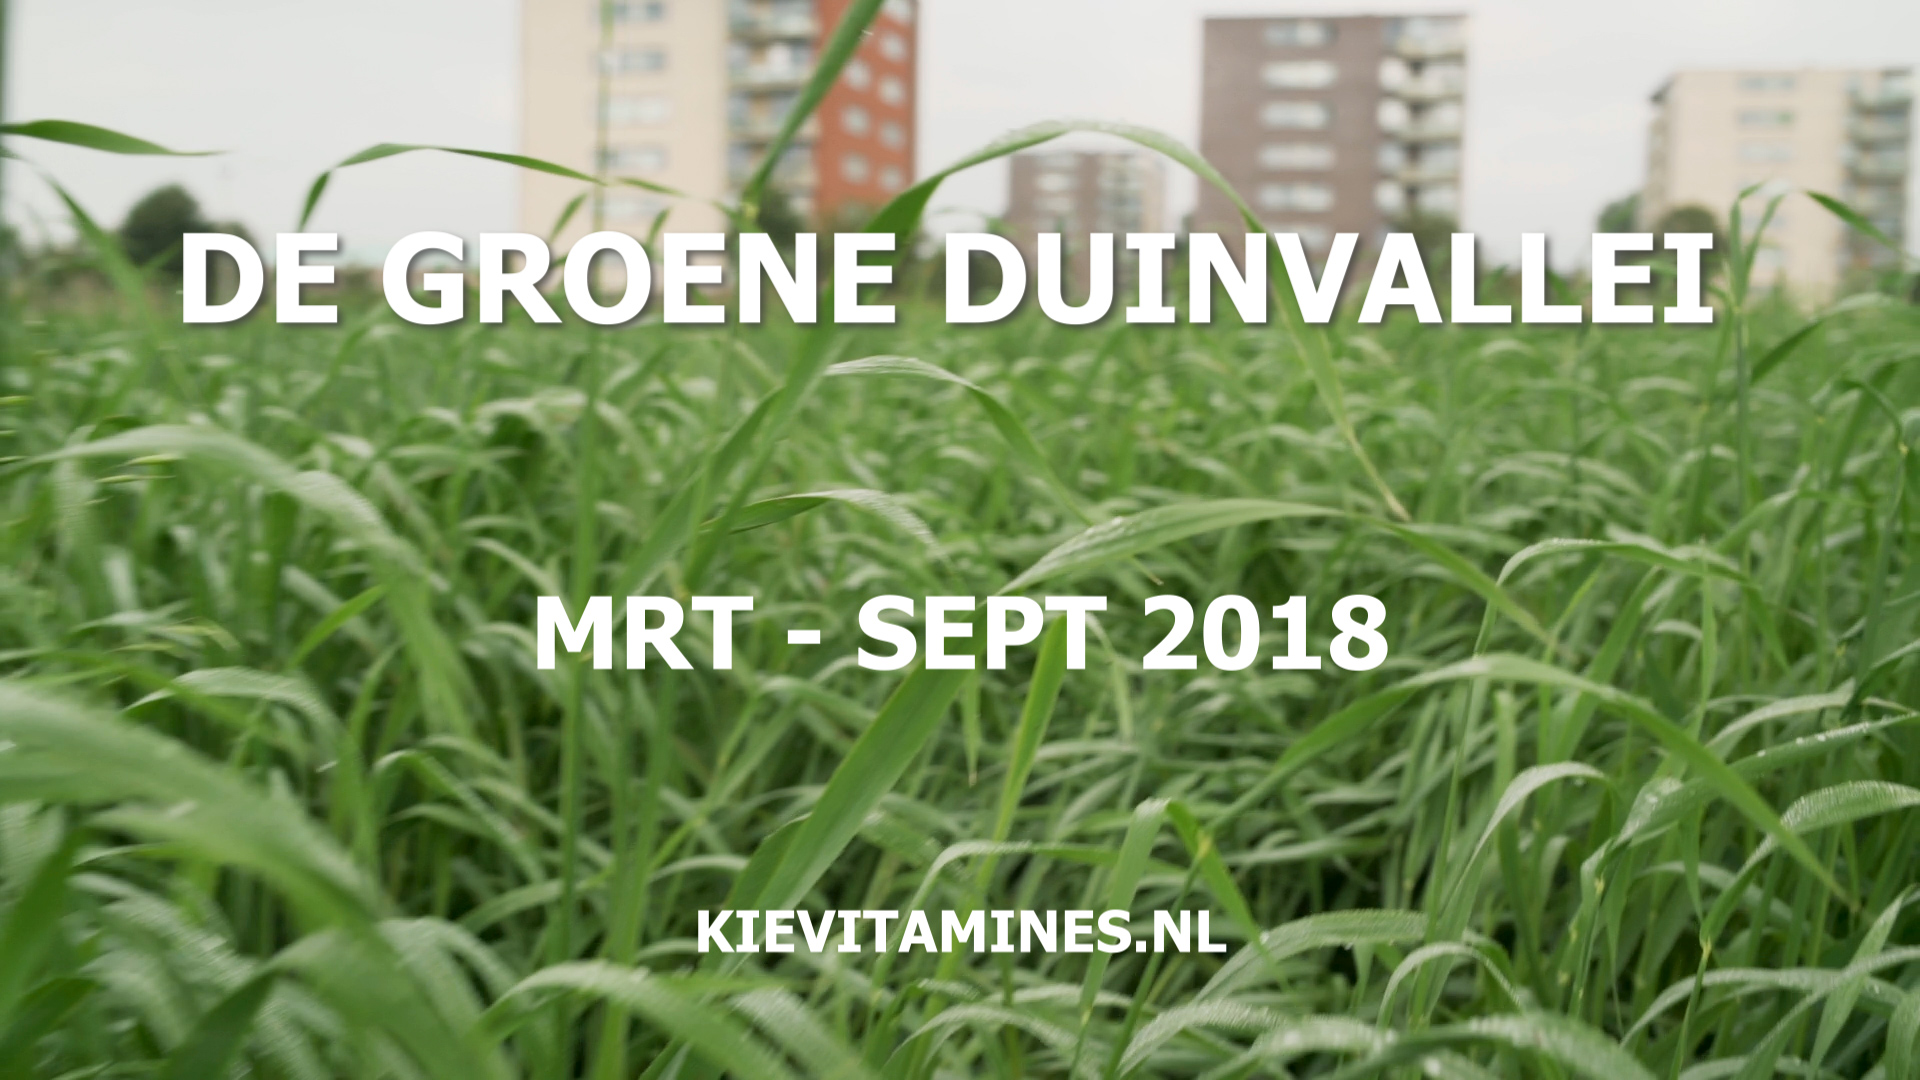 Kievit maart tot september 2018 stadslandbouwproject De Groene Vallei Duinvallei Katwijk aan de Rijn